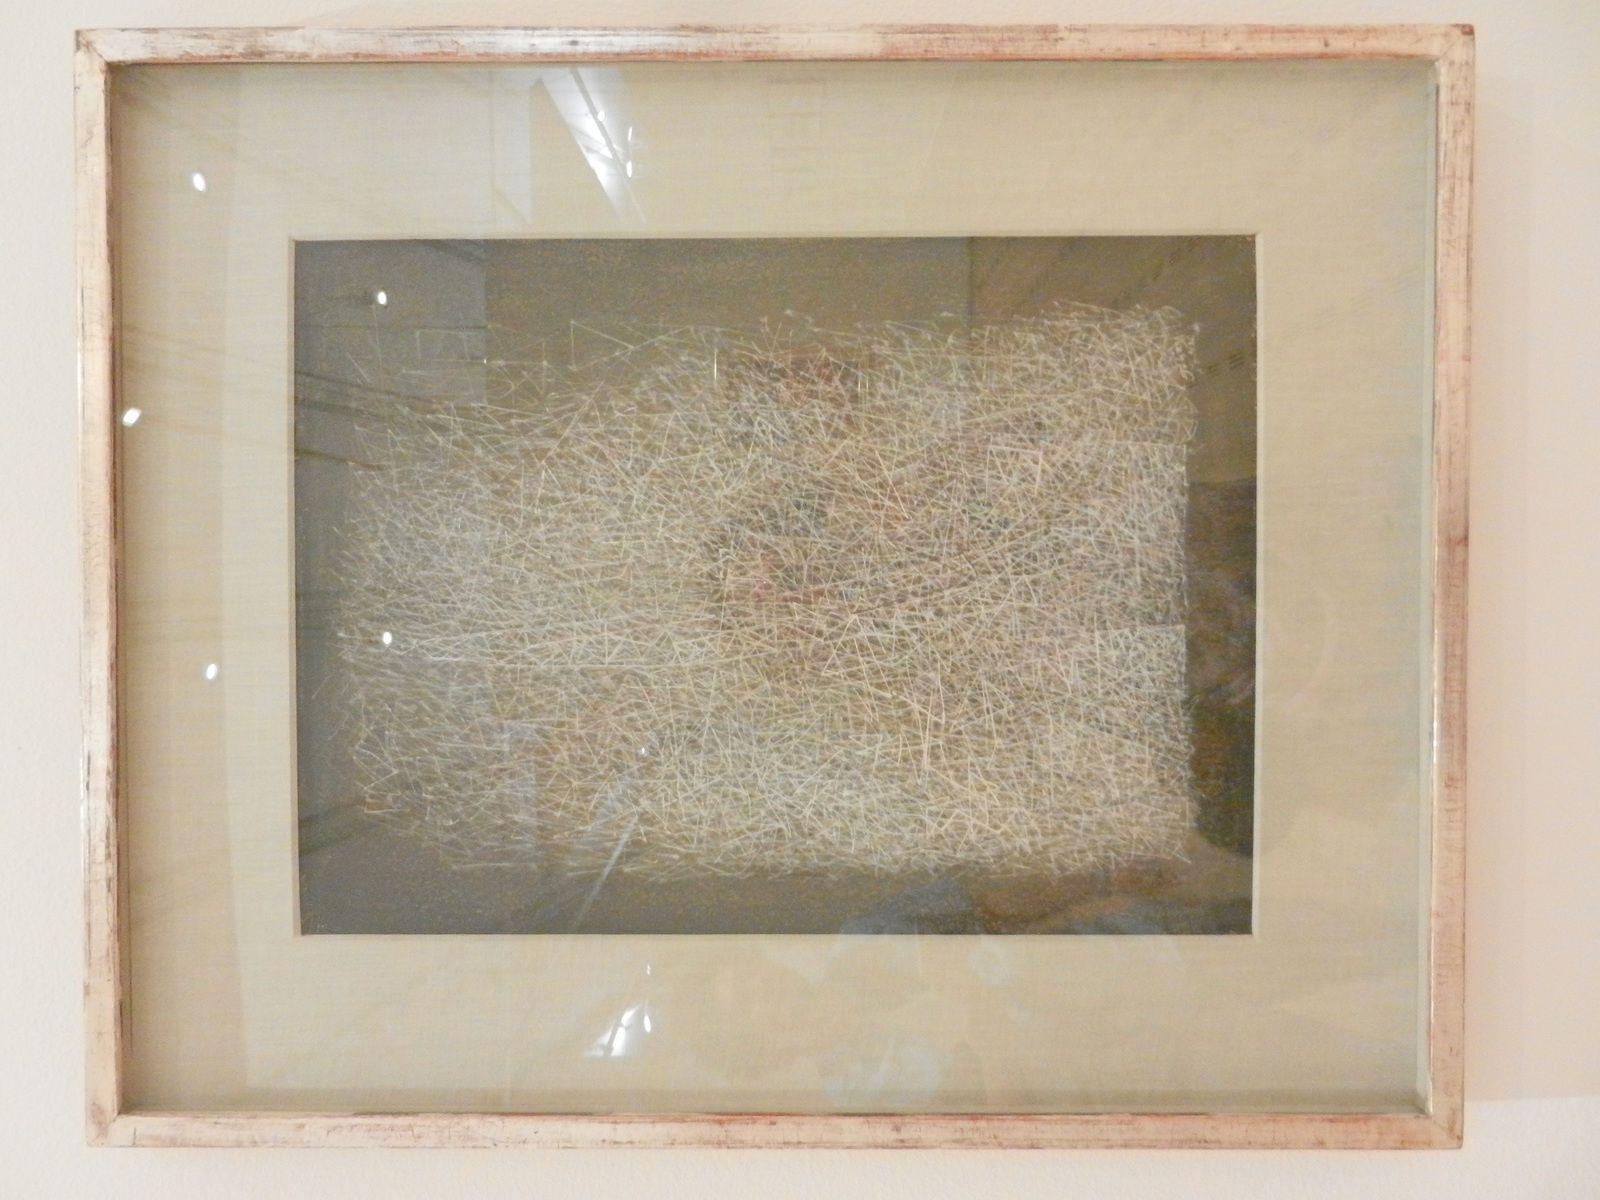 Taking a Line for a Walk : la ligne et l'écriture dans les oeuvres de Paul Klee et d'artistes contemporains